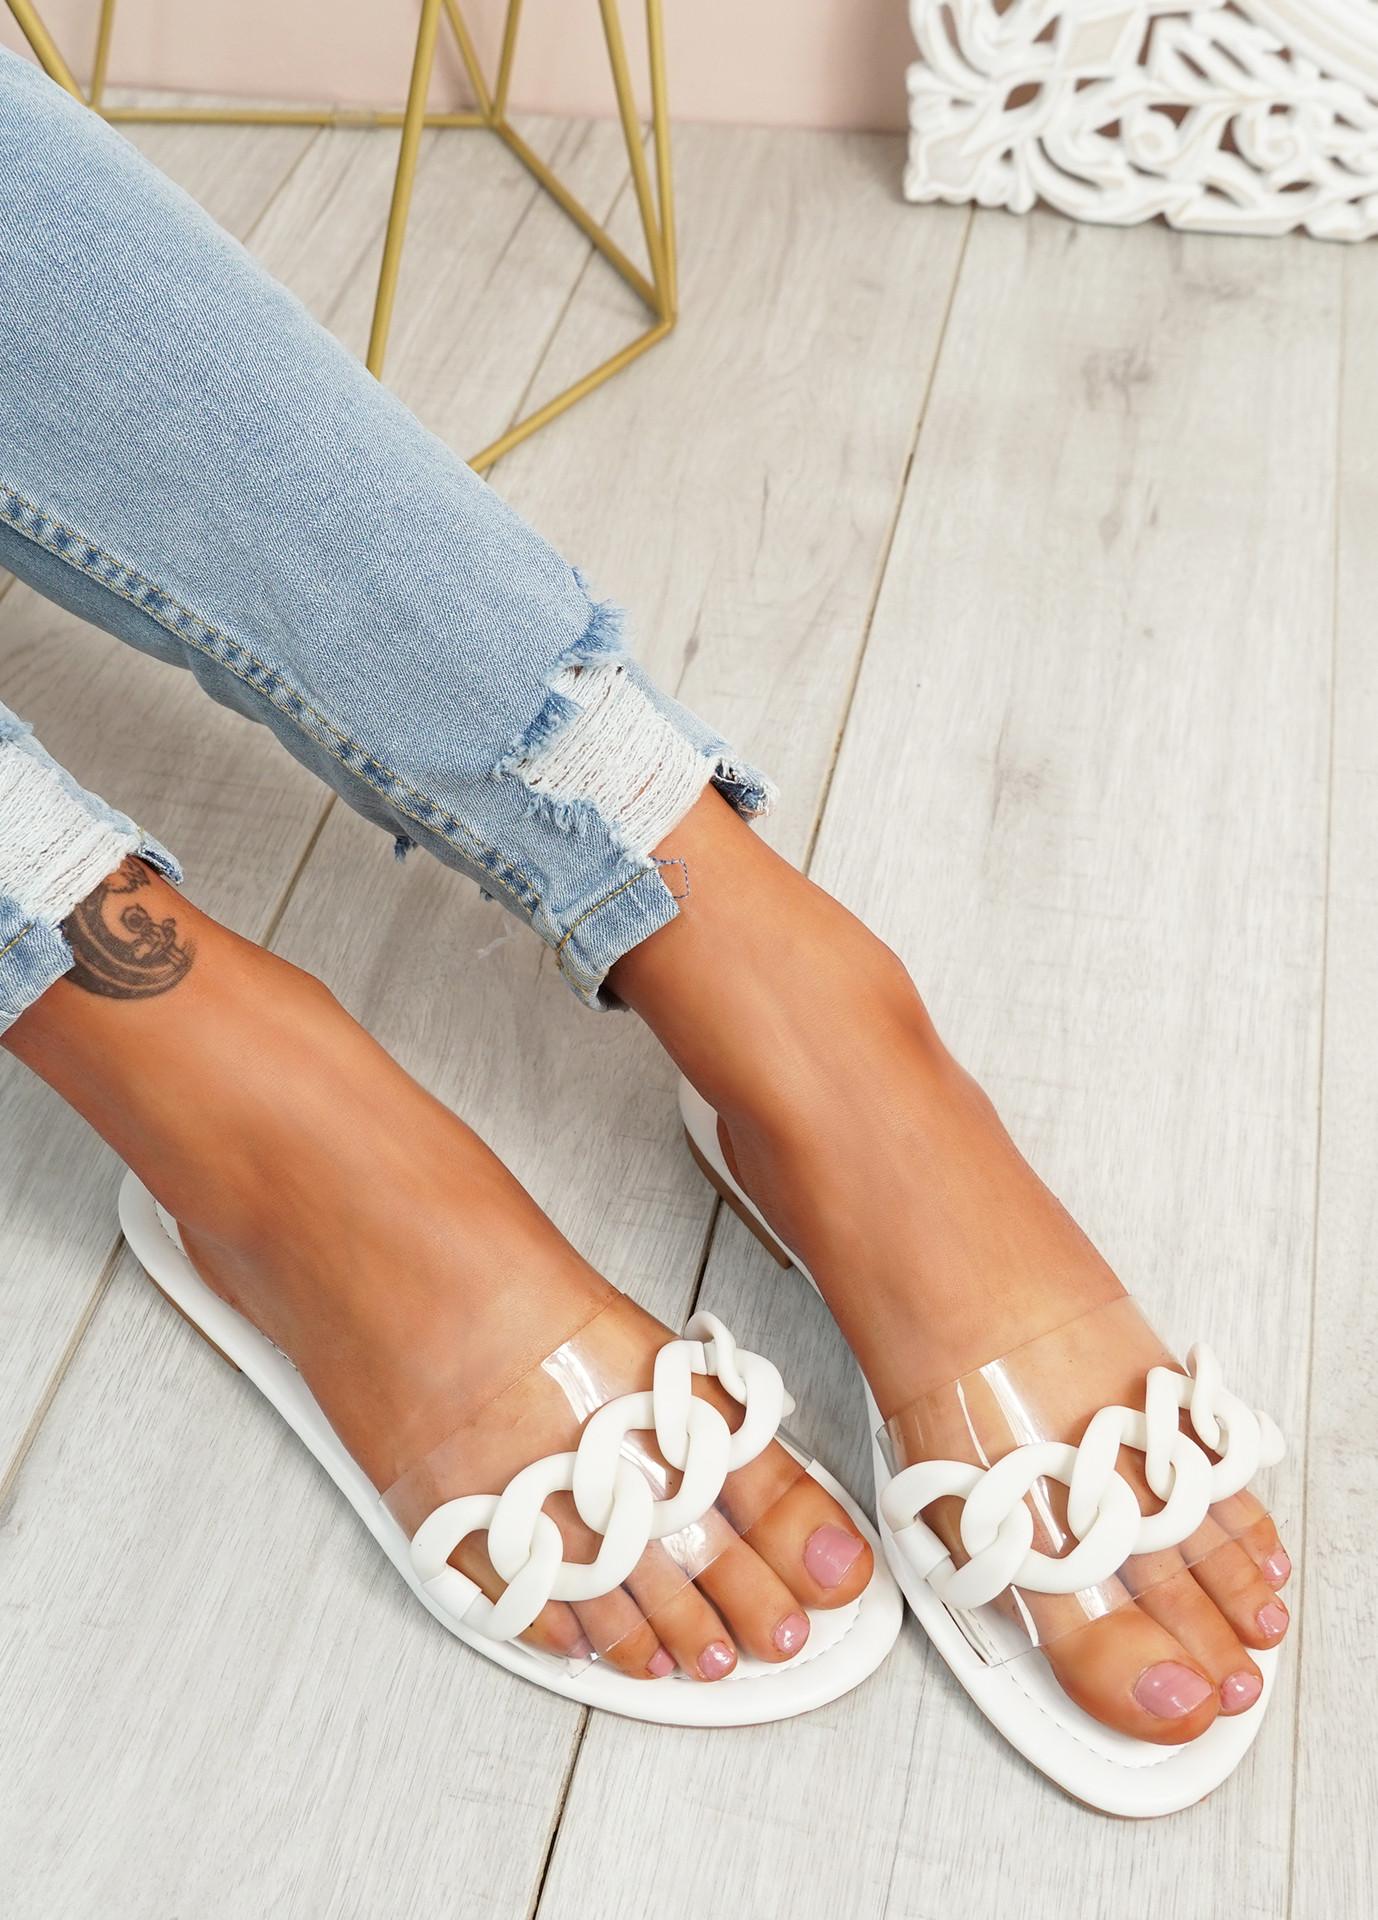 Vemma White Slip On Flat Sandals